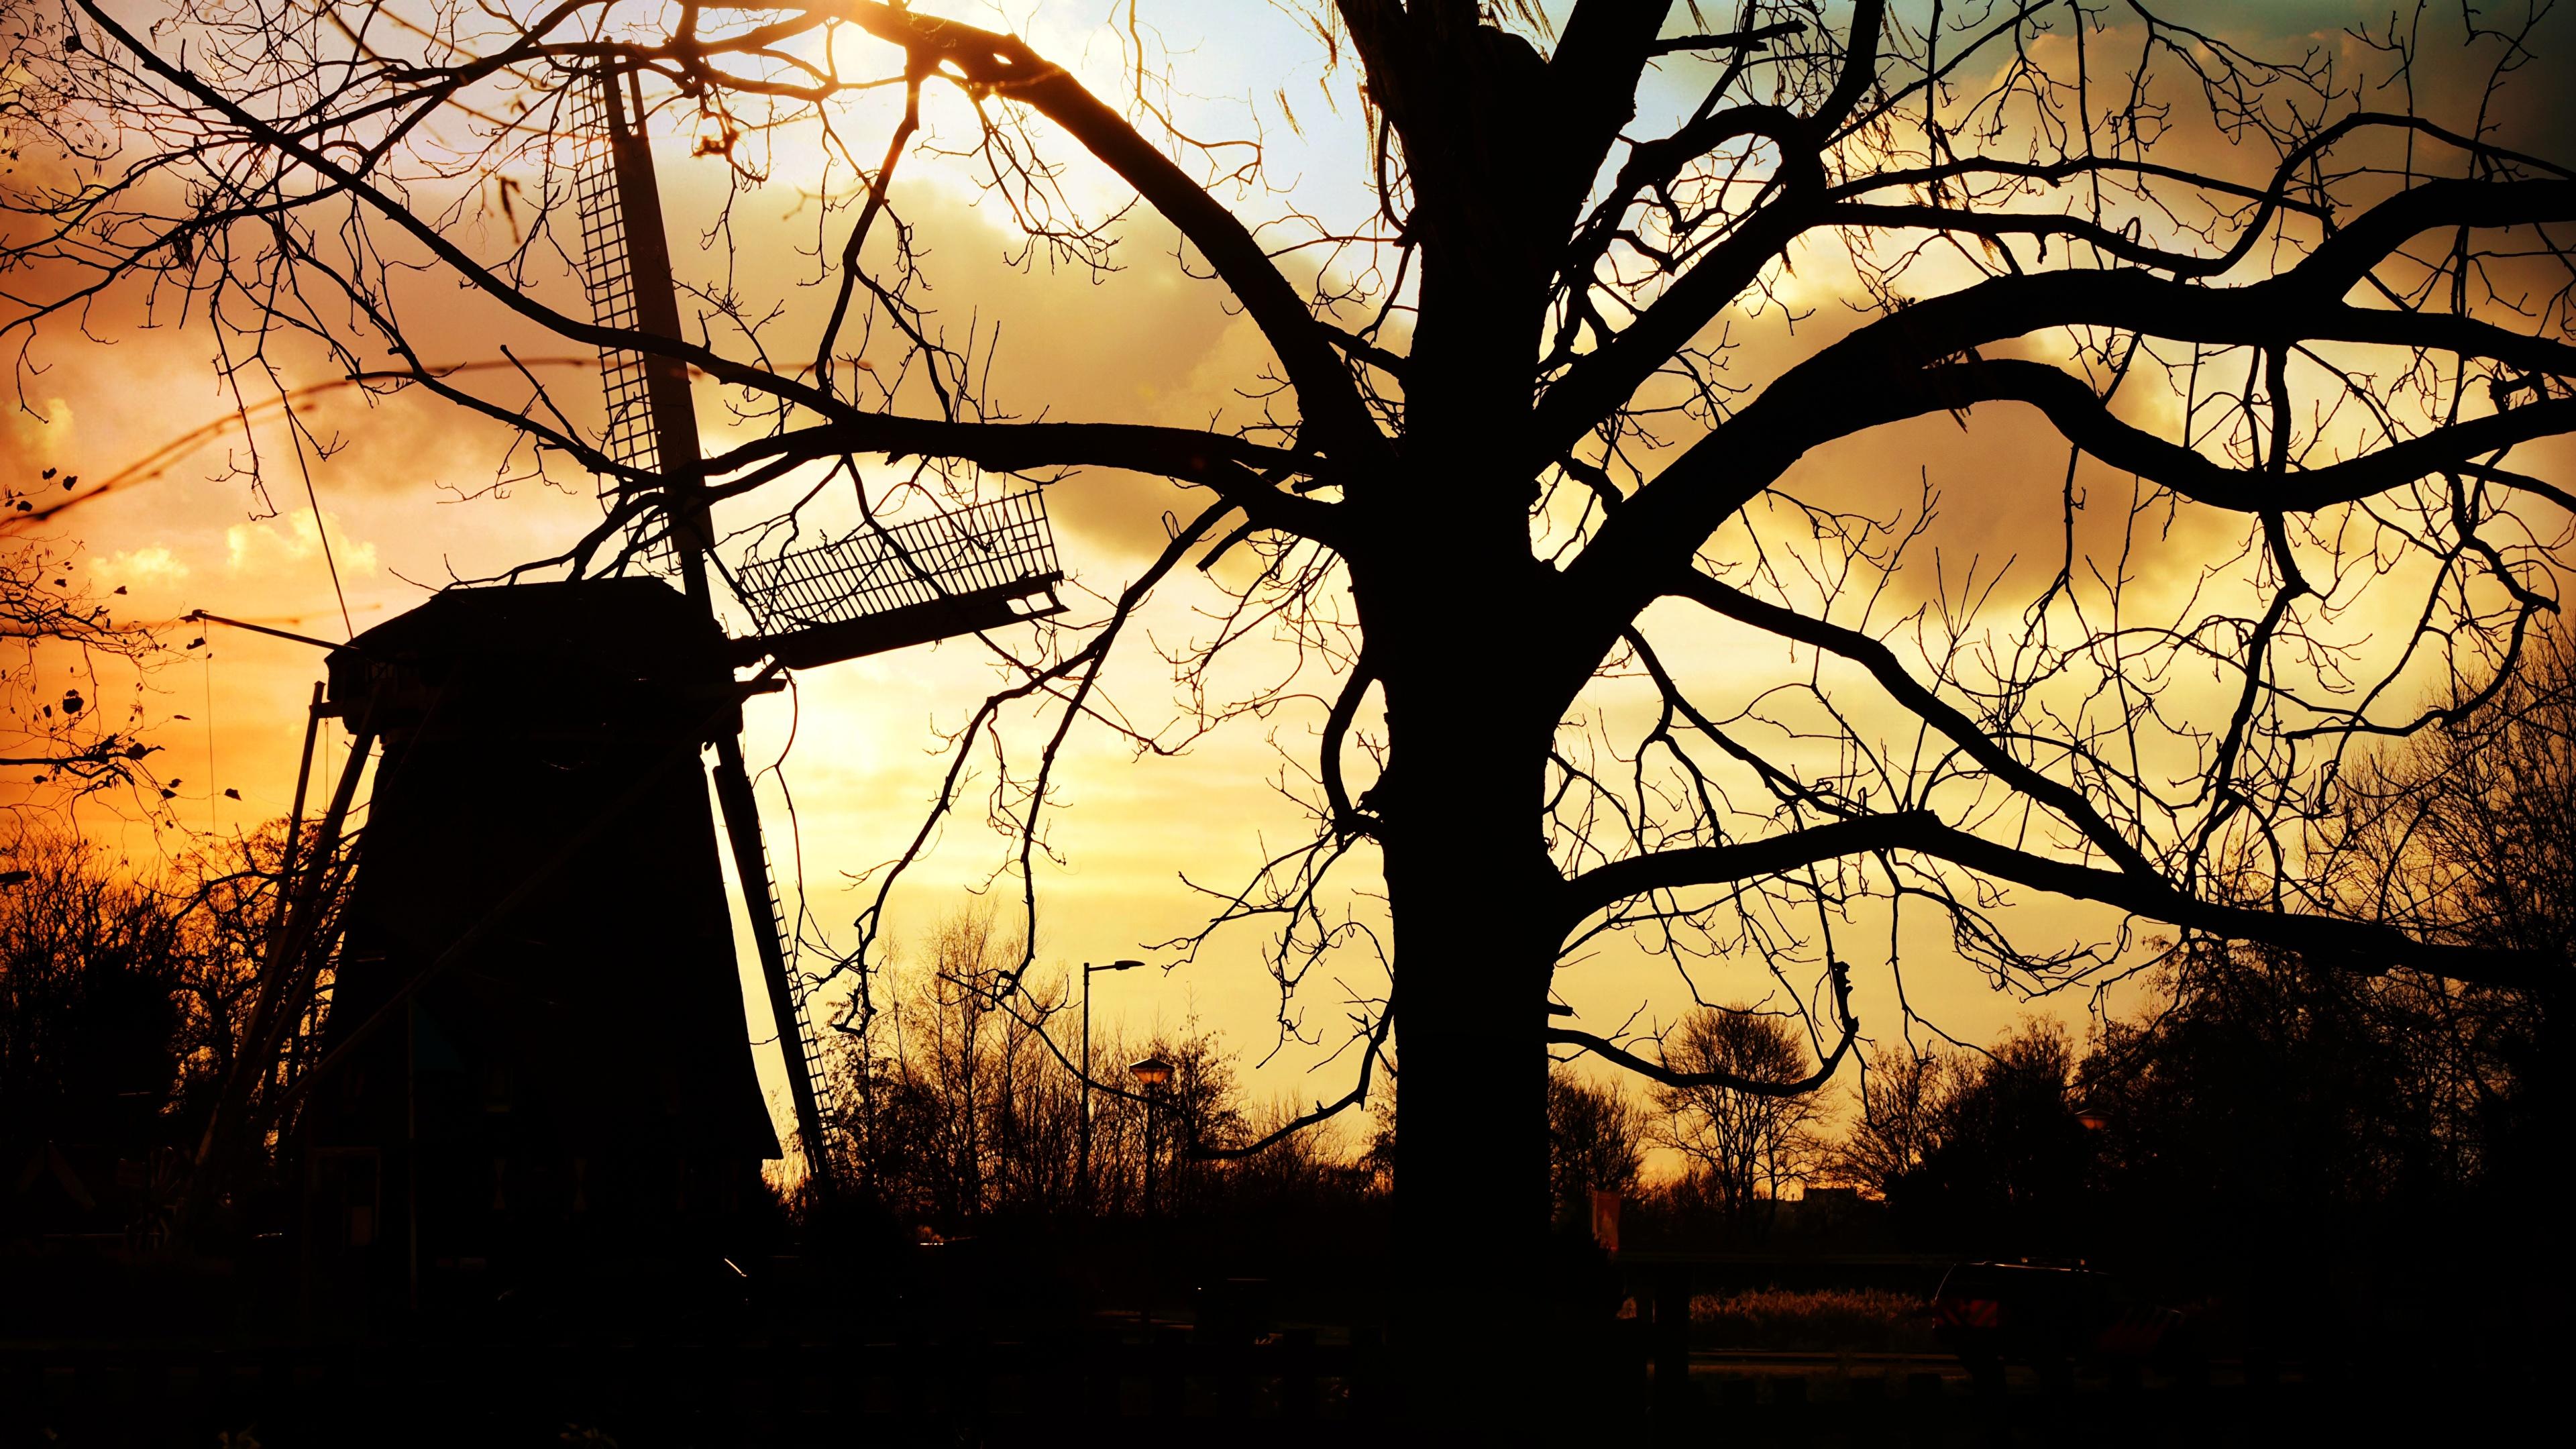 Фотография ветряная мельница силуэта Природа ветвь дерево 3840x2160 Мельница мельницы Силуэт силуэты Ветки ветка на ветке дерева Деревья деревьев